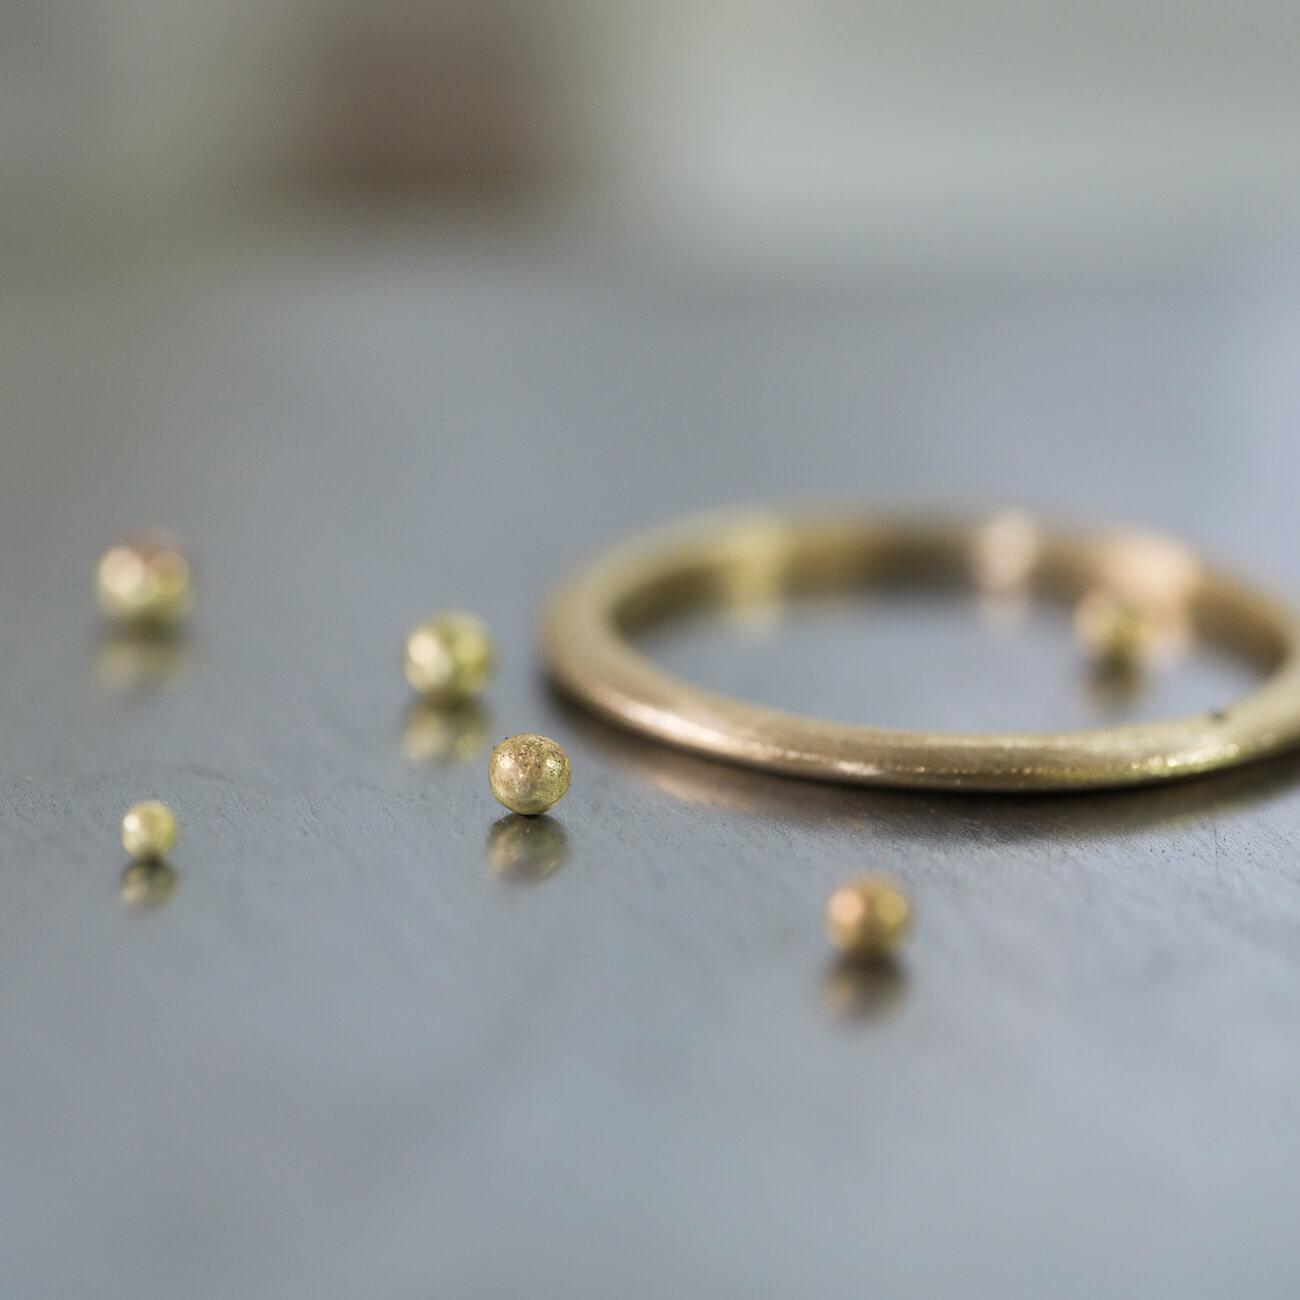 金の粒とリング オーダーメイドマリッジリングの制作風景 ジュエリーのアトリエ 作業場に指輪 ゴールド 屋久島で作る結婚指輪